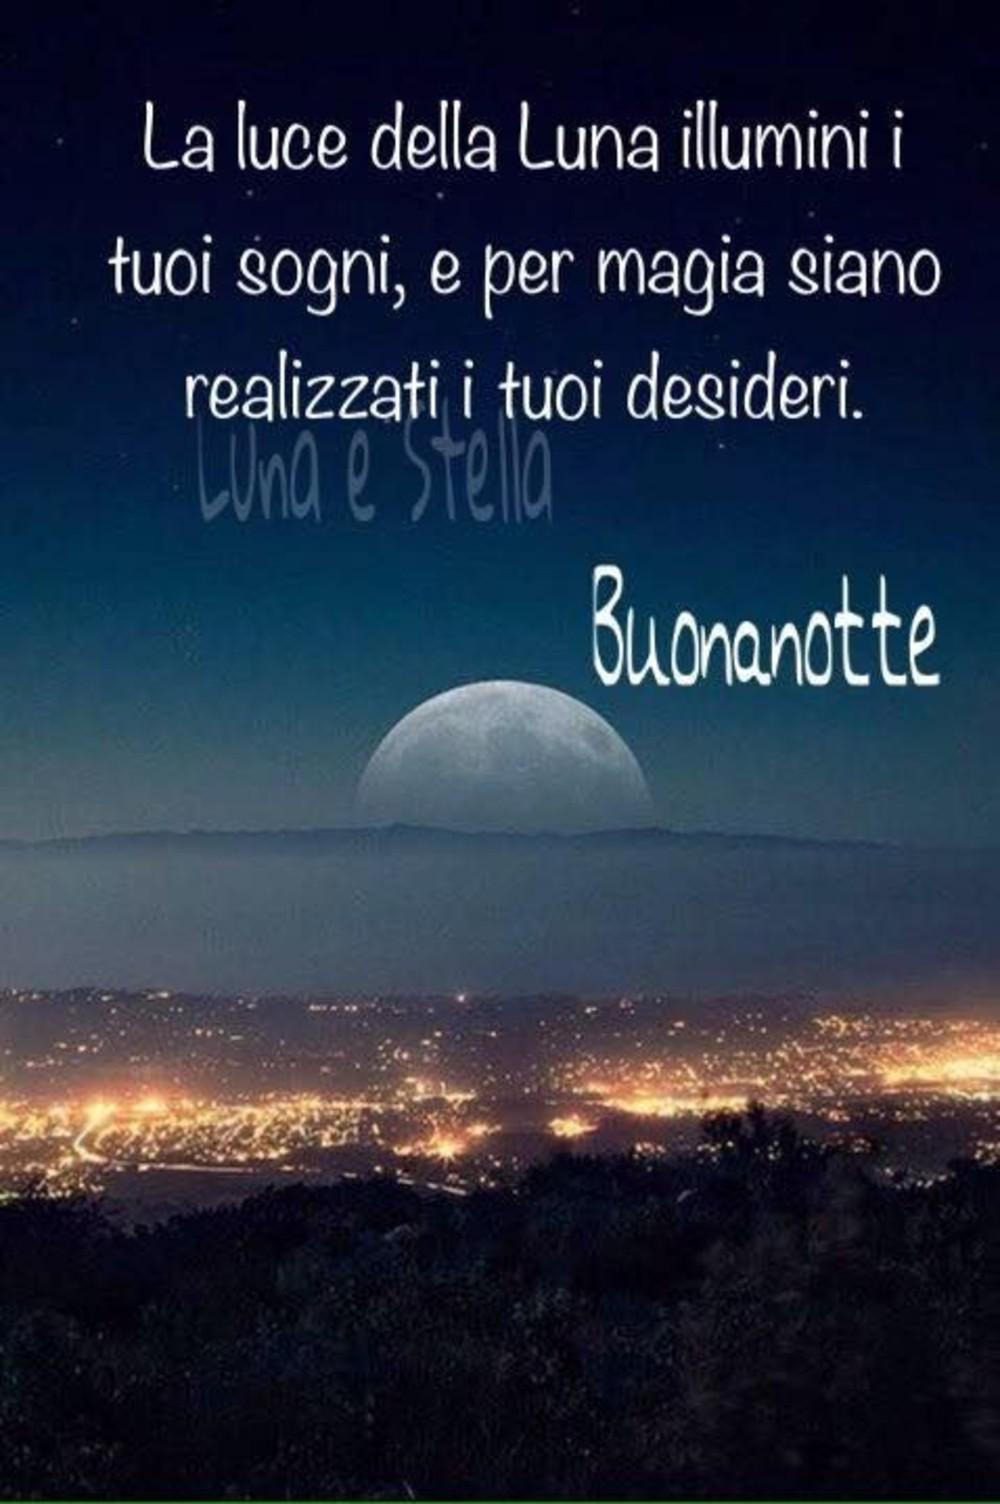 Buonanotte Immagini Belle E Nuove 6 Buongiornocolsorriso It